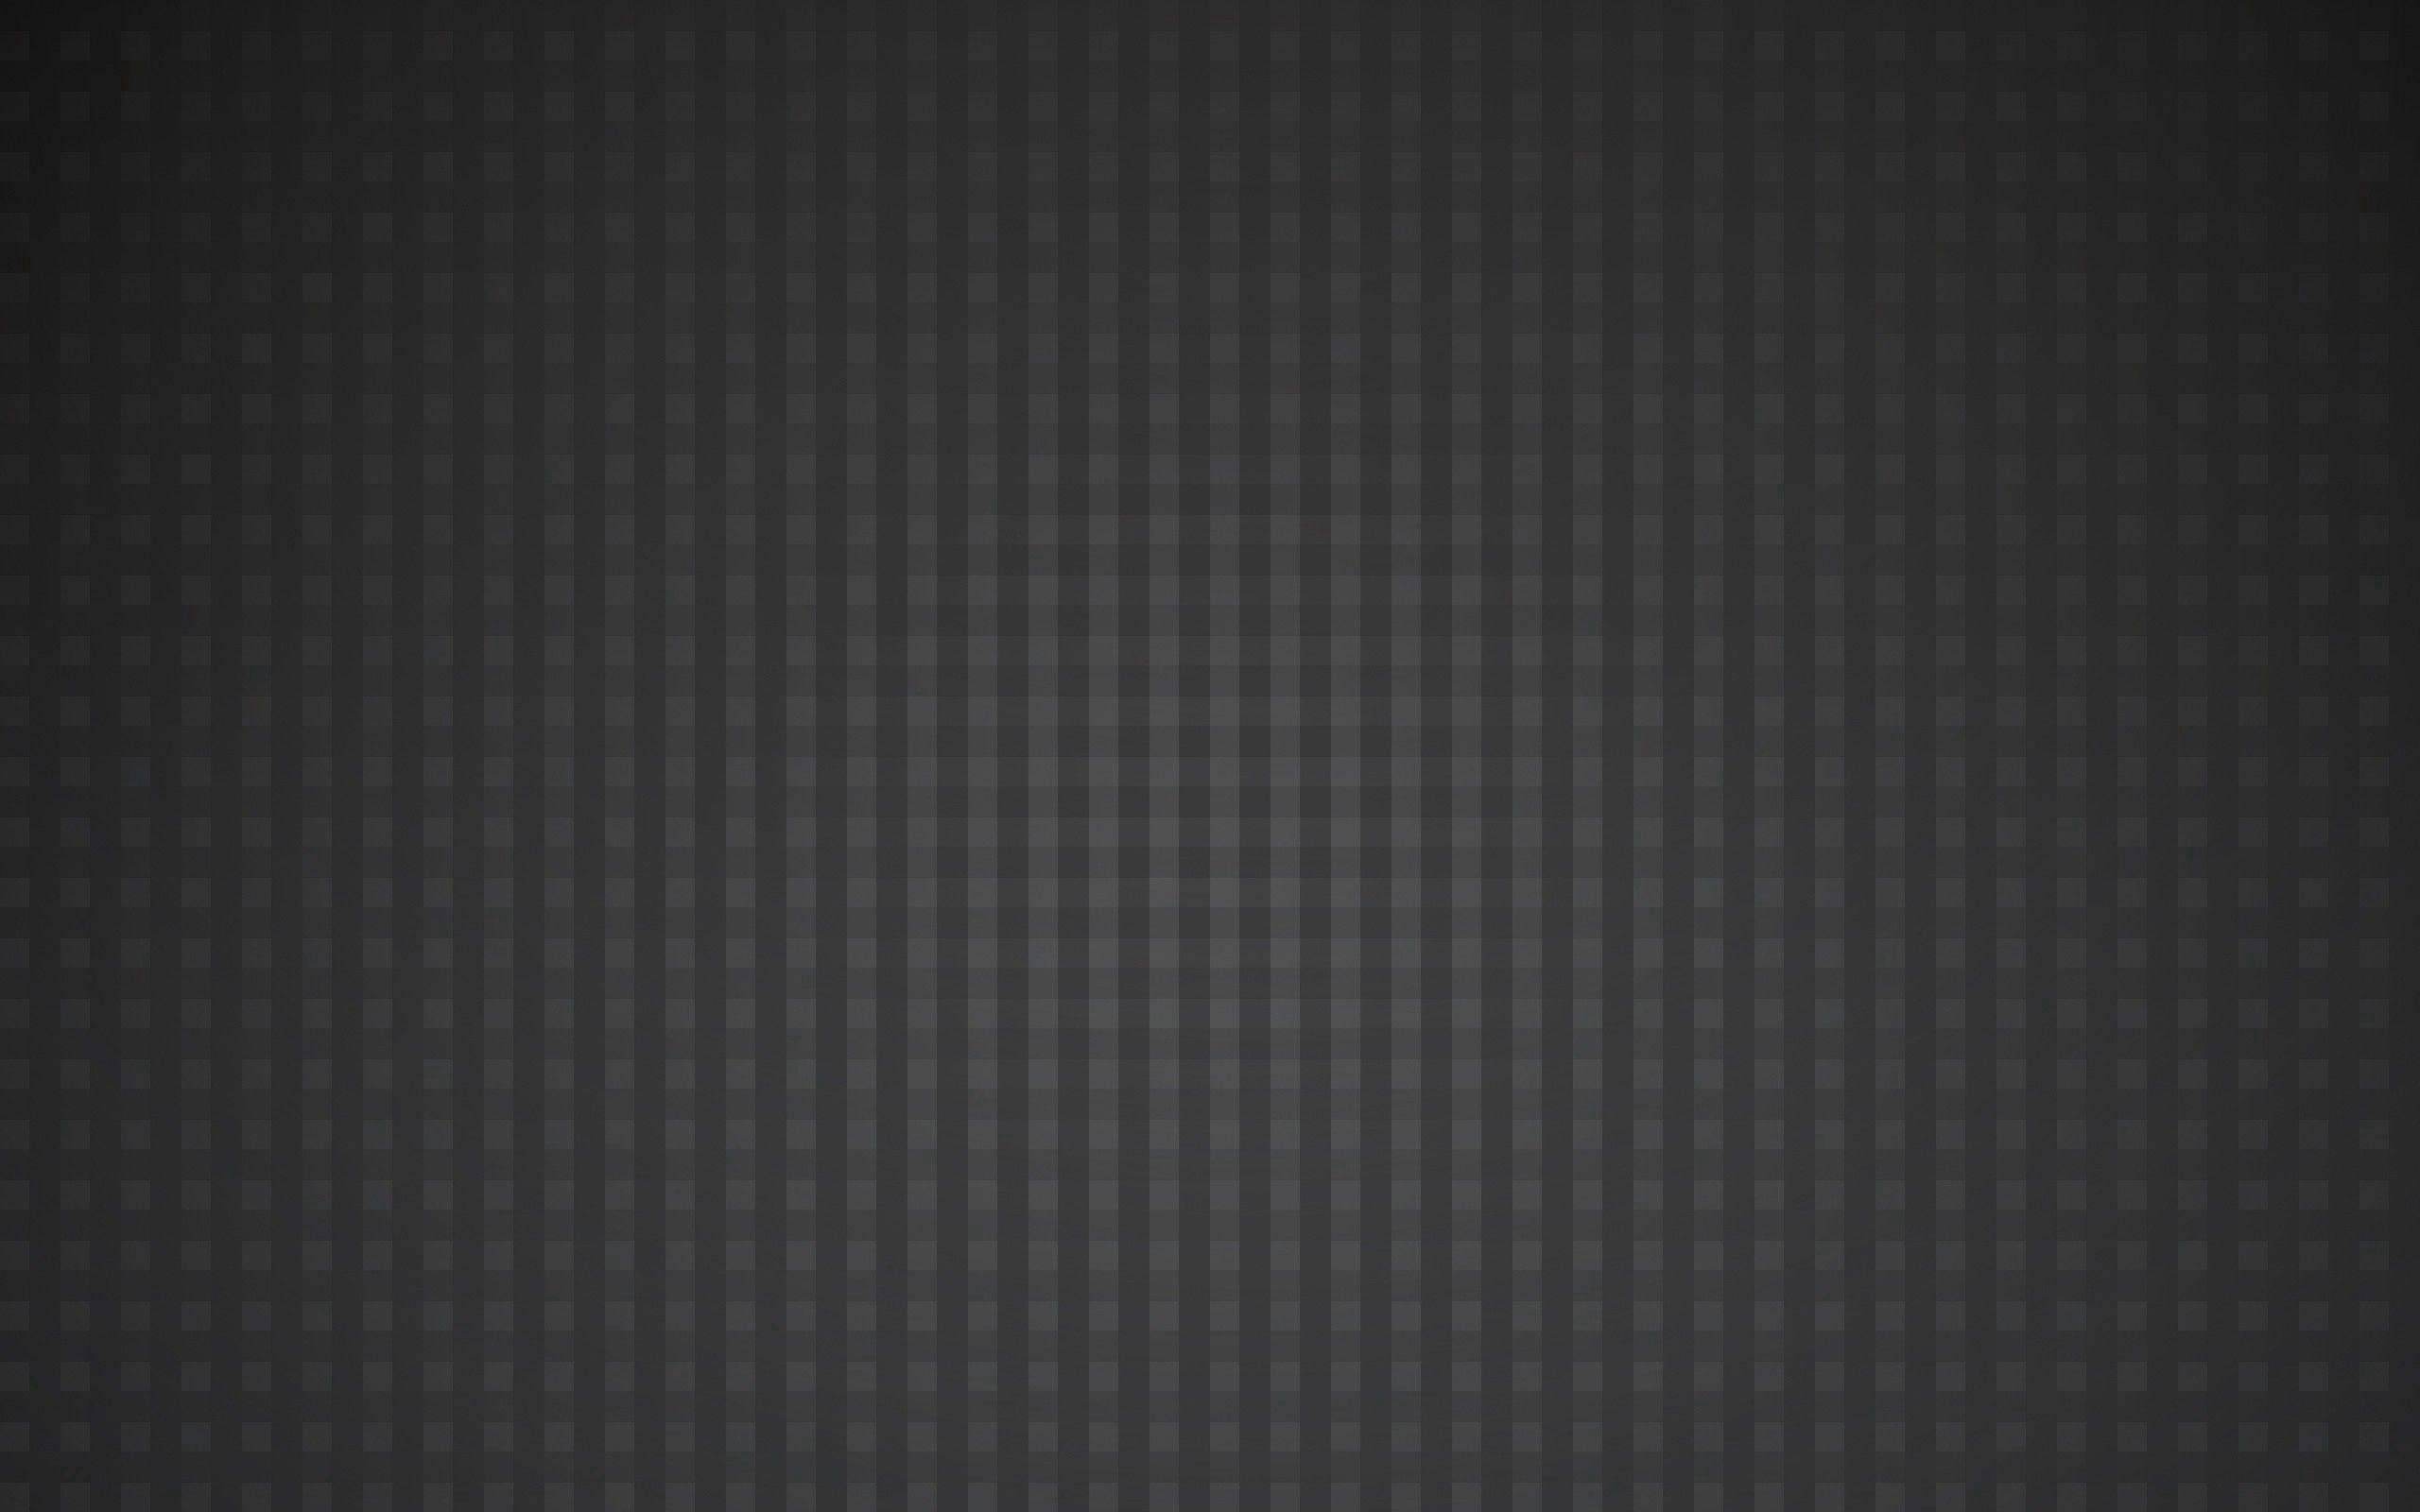 88277 завантажити шпалери Текстура, Текстури, Лінії, Поверхня, Форма, Симетрія, Клітини, Вертикальний, Вертикальні, Горизонтальний, Горизонтальні - заставки і картинки безкоштовно